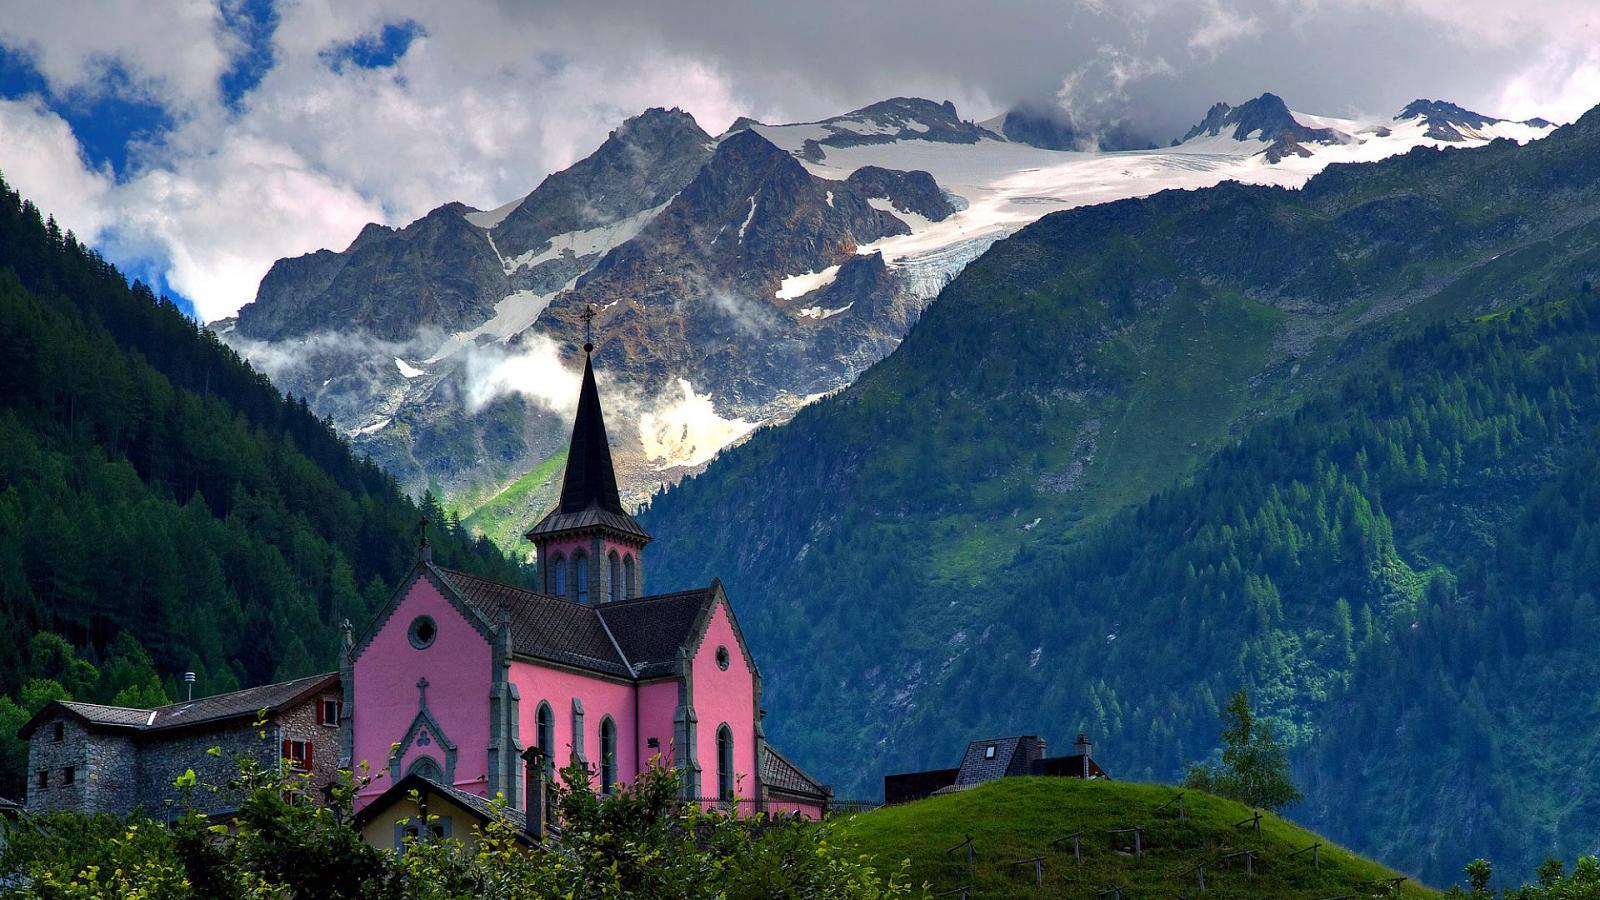 Swiss alps HQ  HD Wallpaper